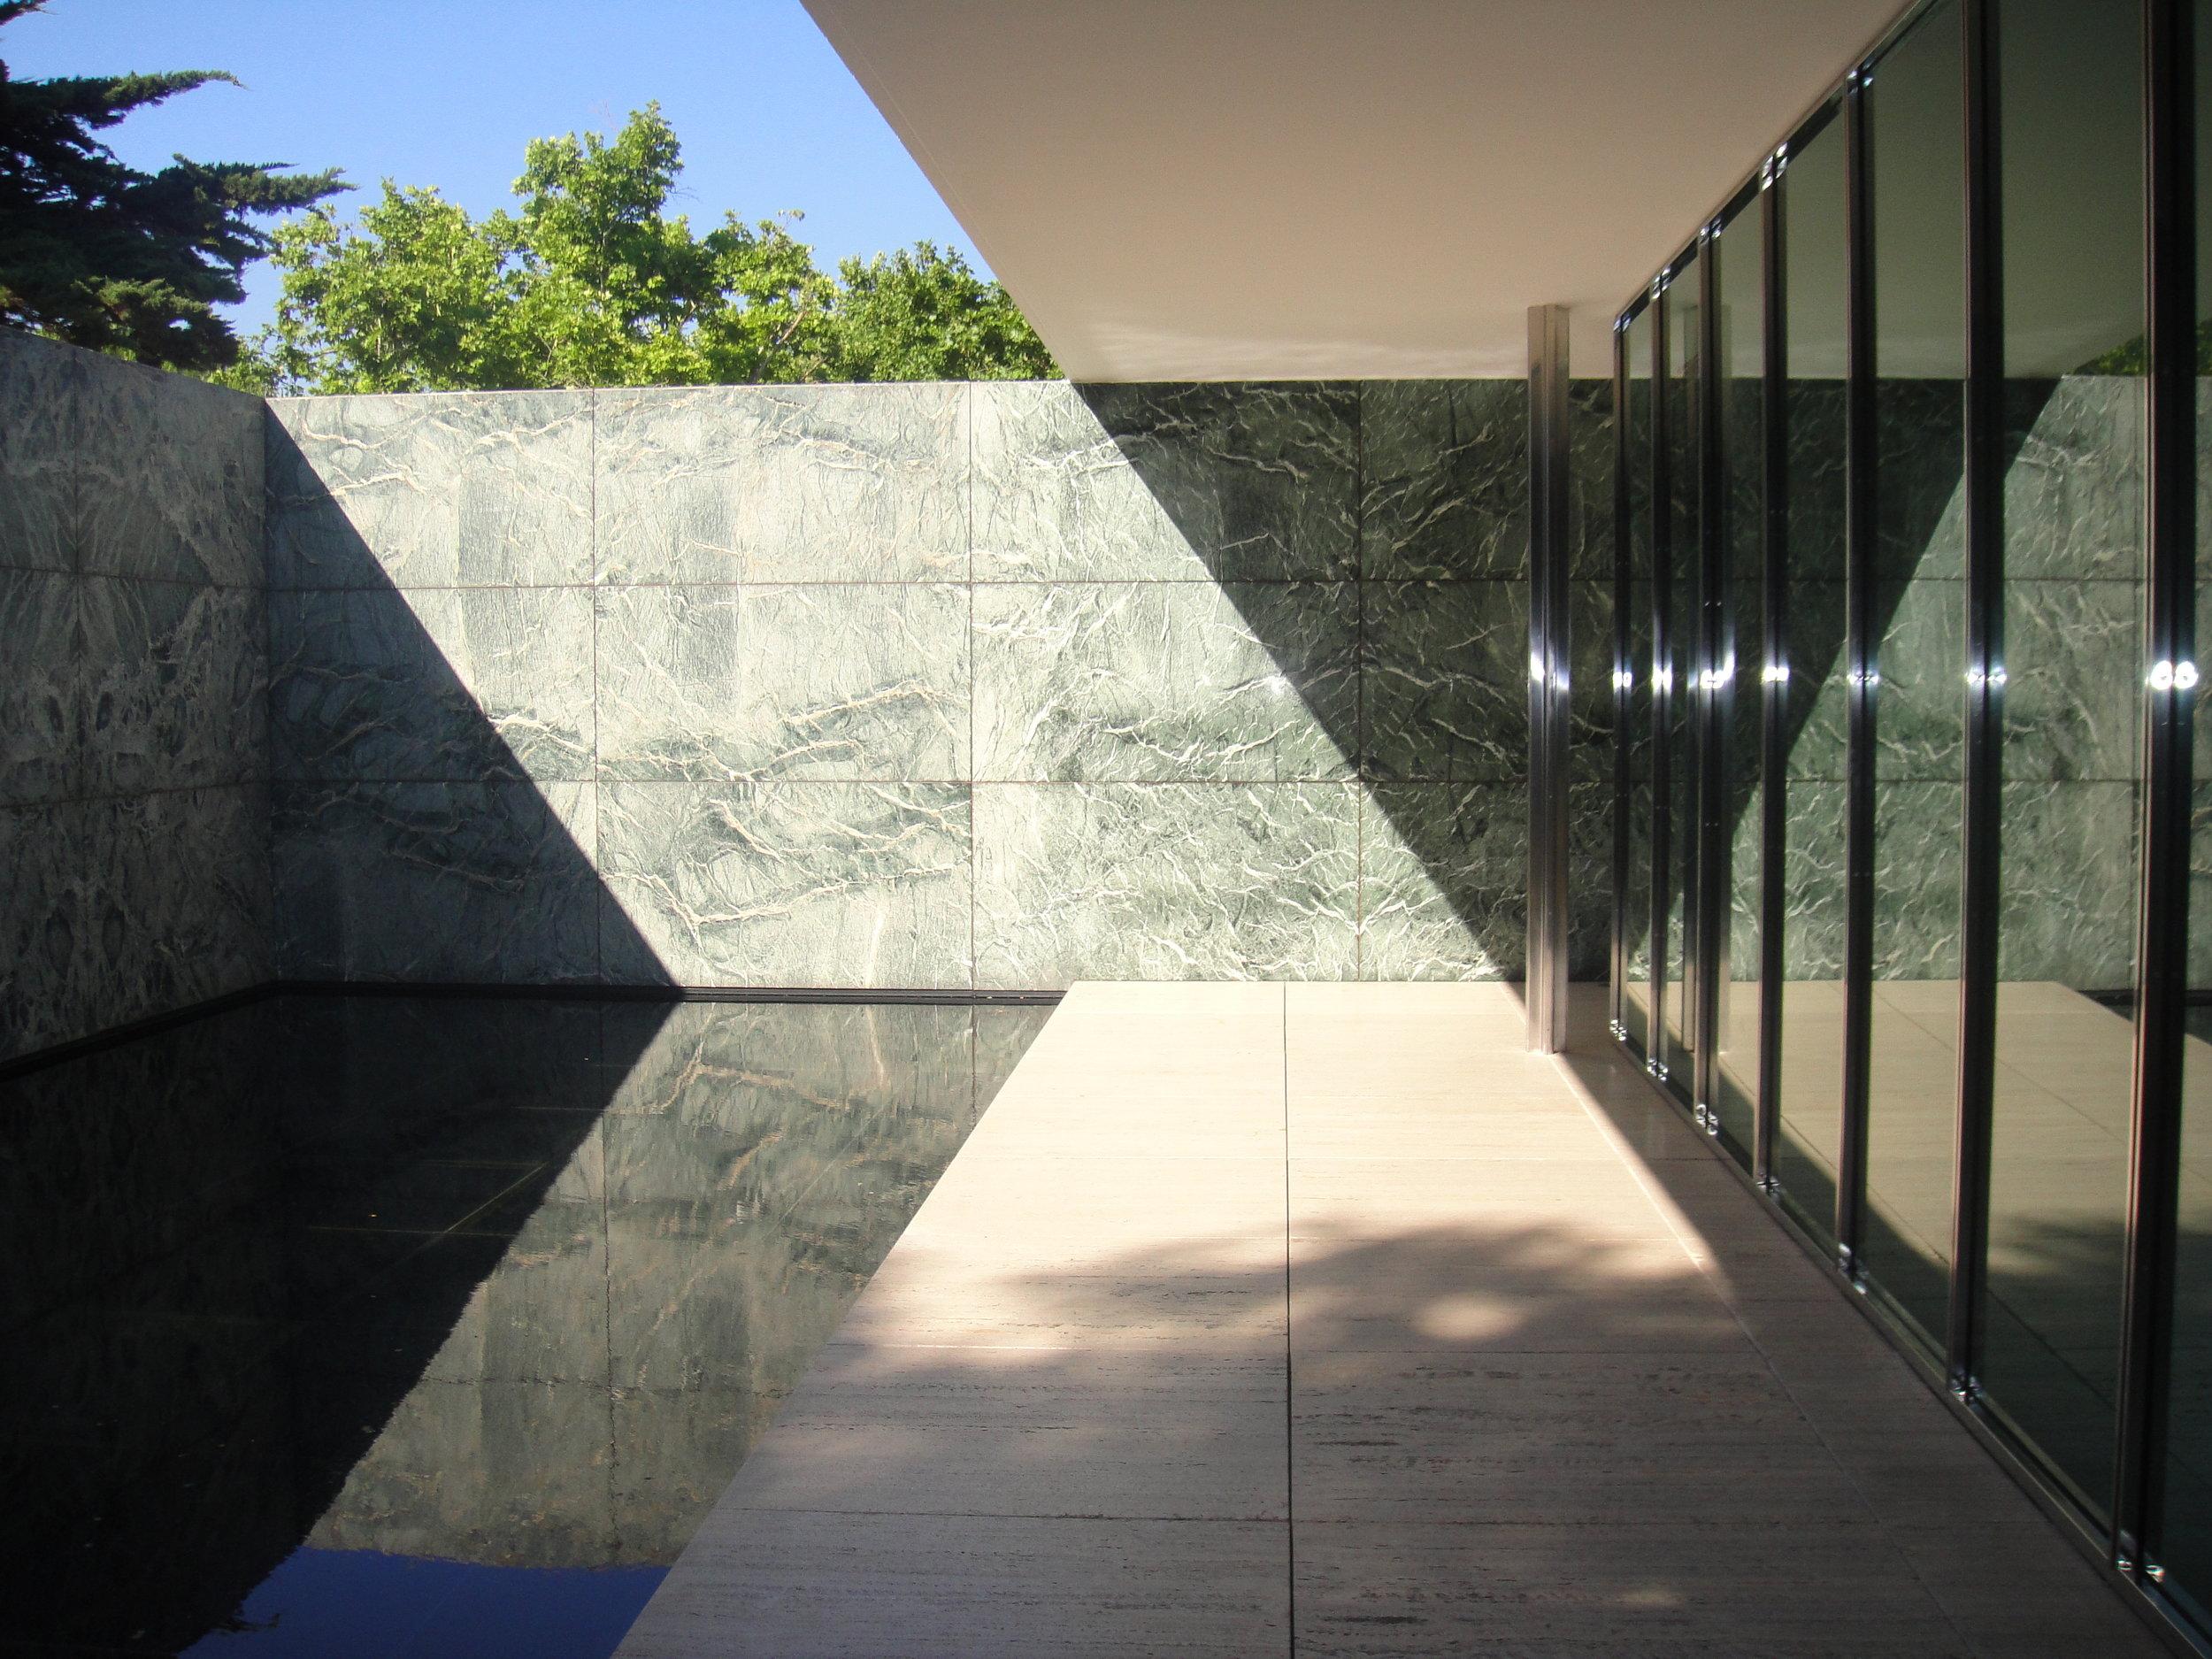 Mies van der Rohe's German Pavillion